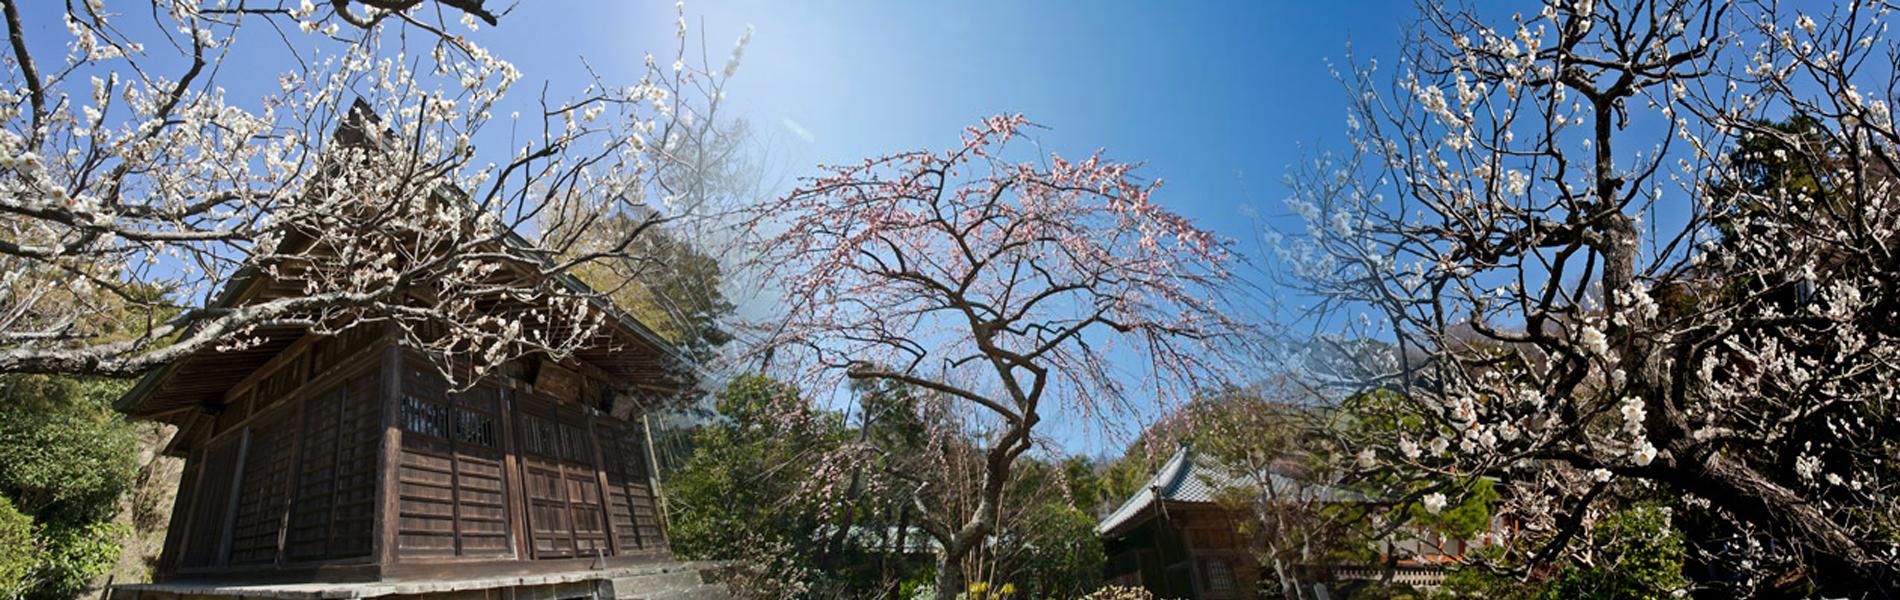 鎌倉の梅 名所と見頃